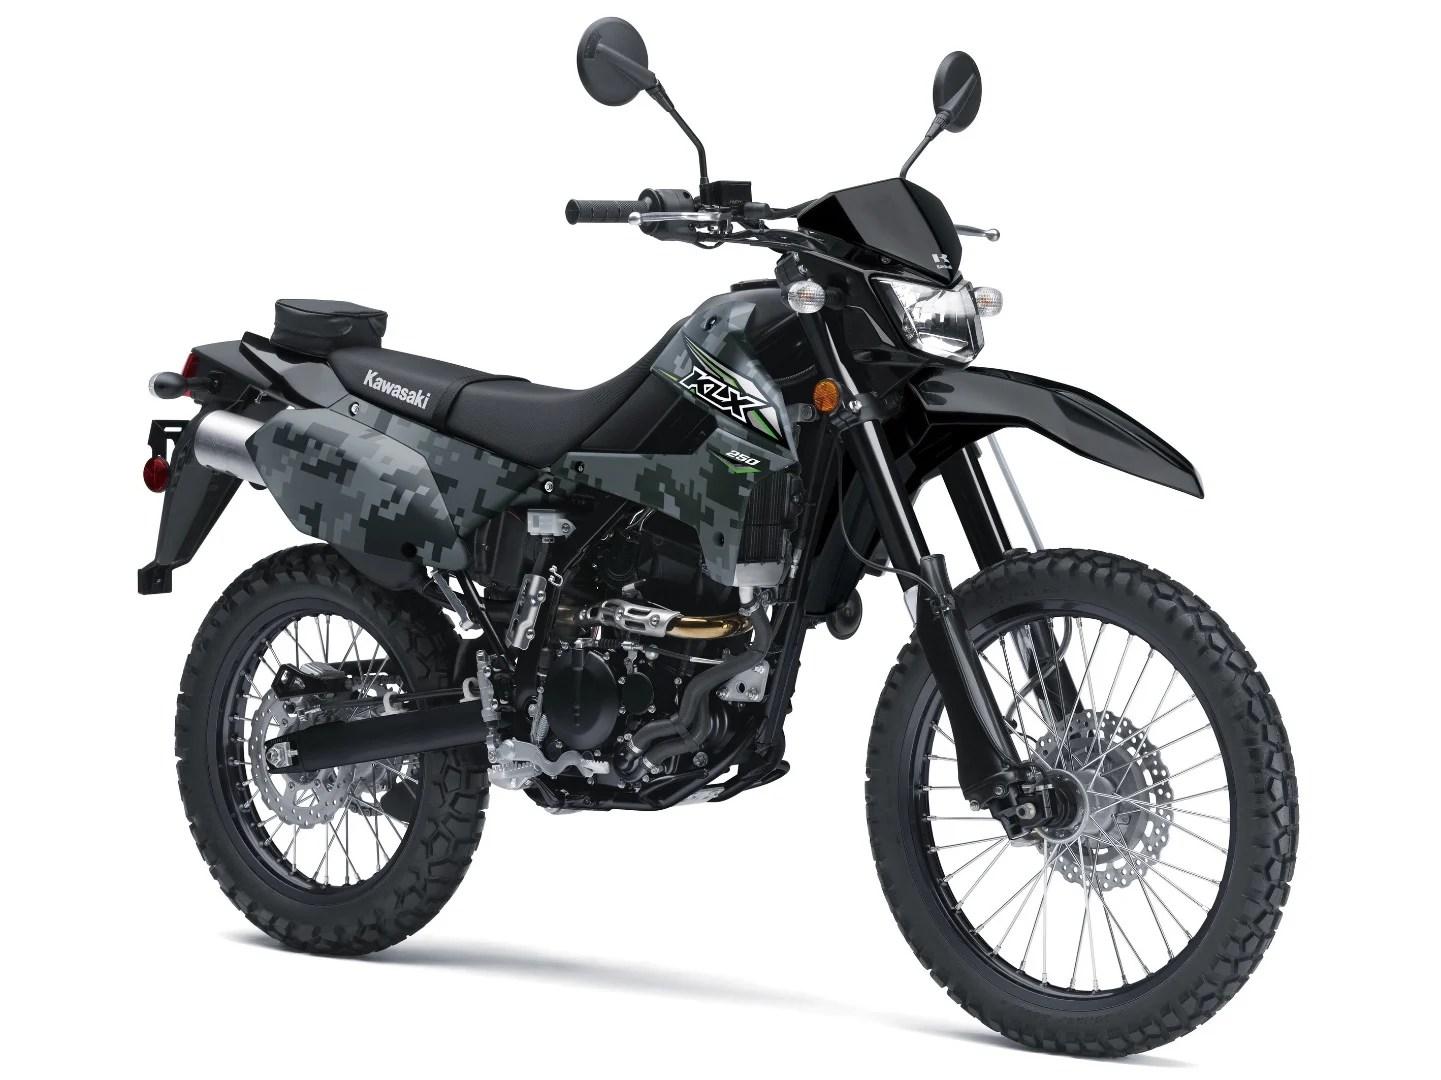 2018 Kawasaki KLX250 First Look Fast Facts